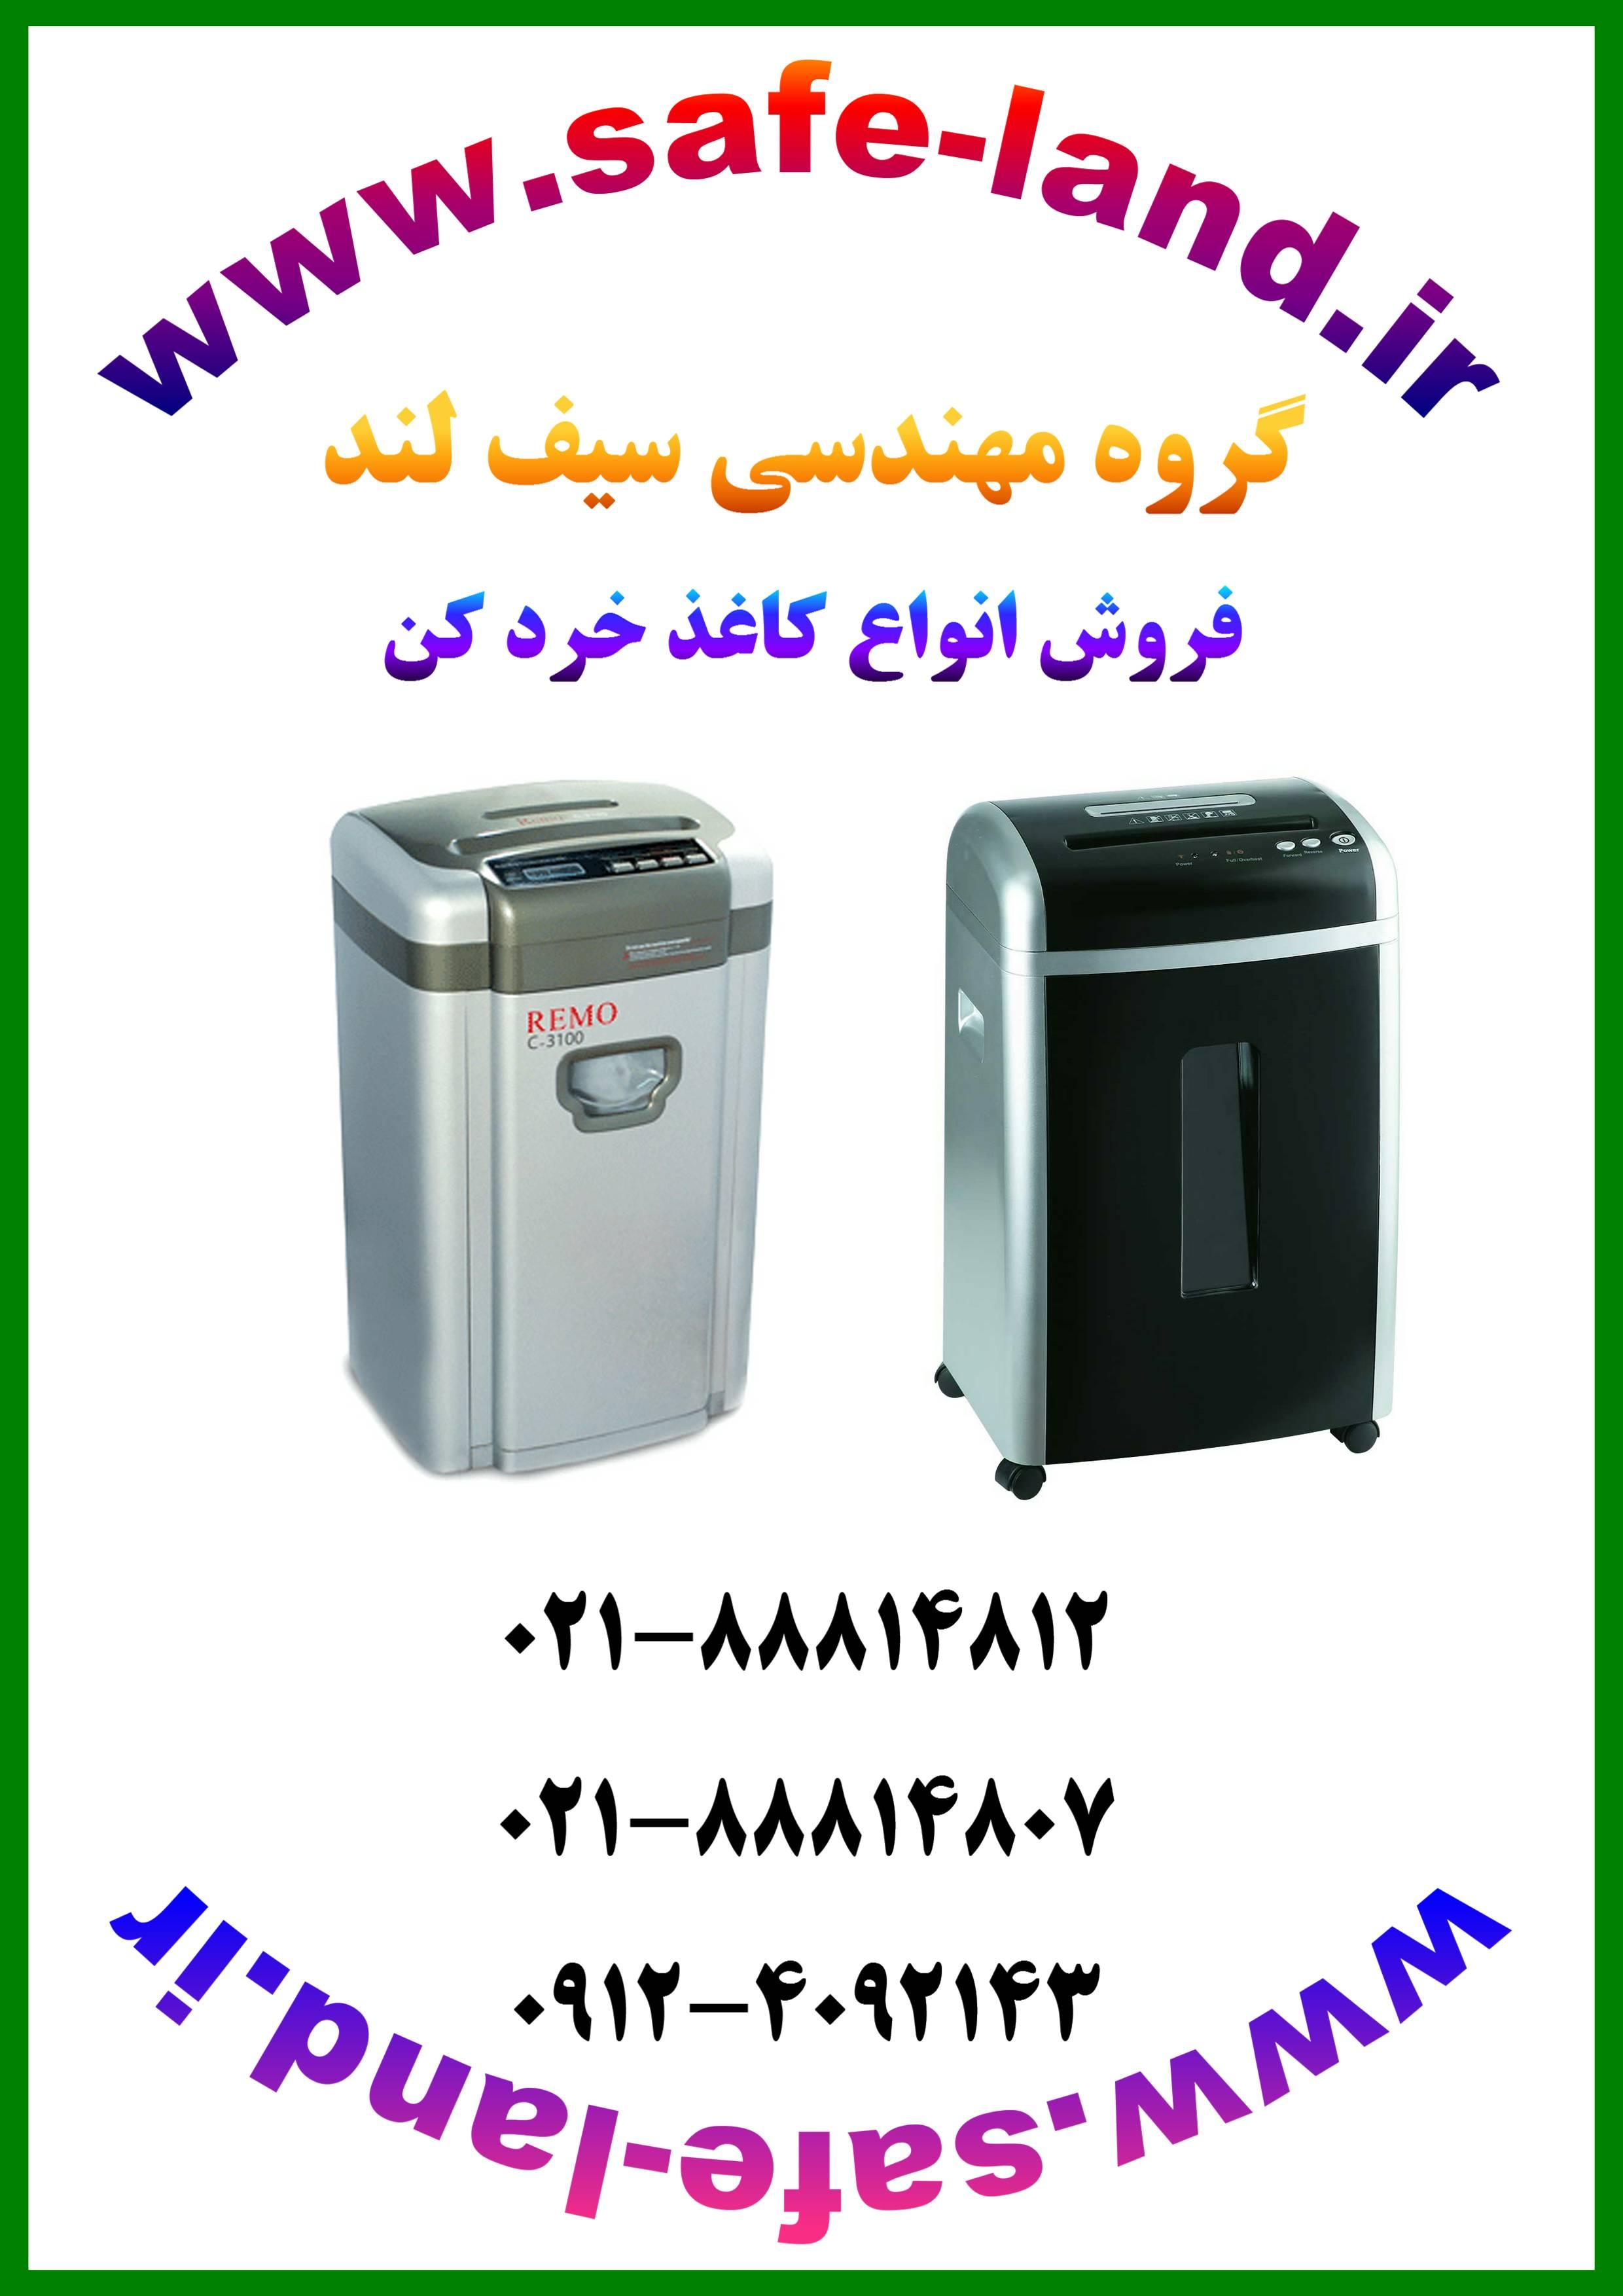 فروش انواع کاغذ خرد کن گروه مهندسی سیف لند ایران سرزمین امن تعمیرات ماشین های اداری